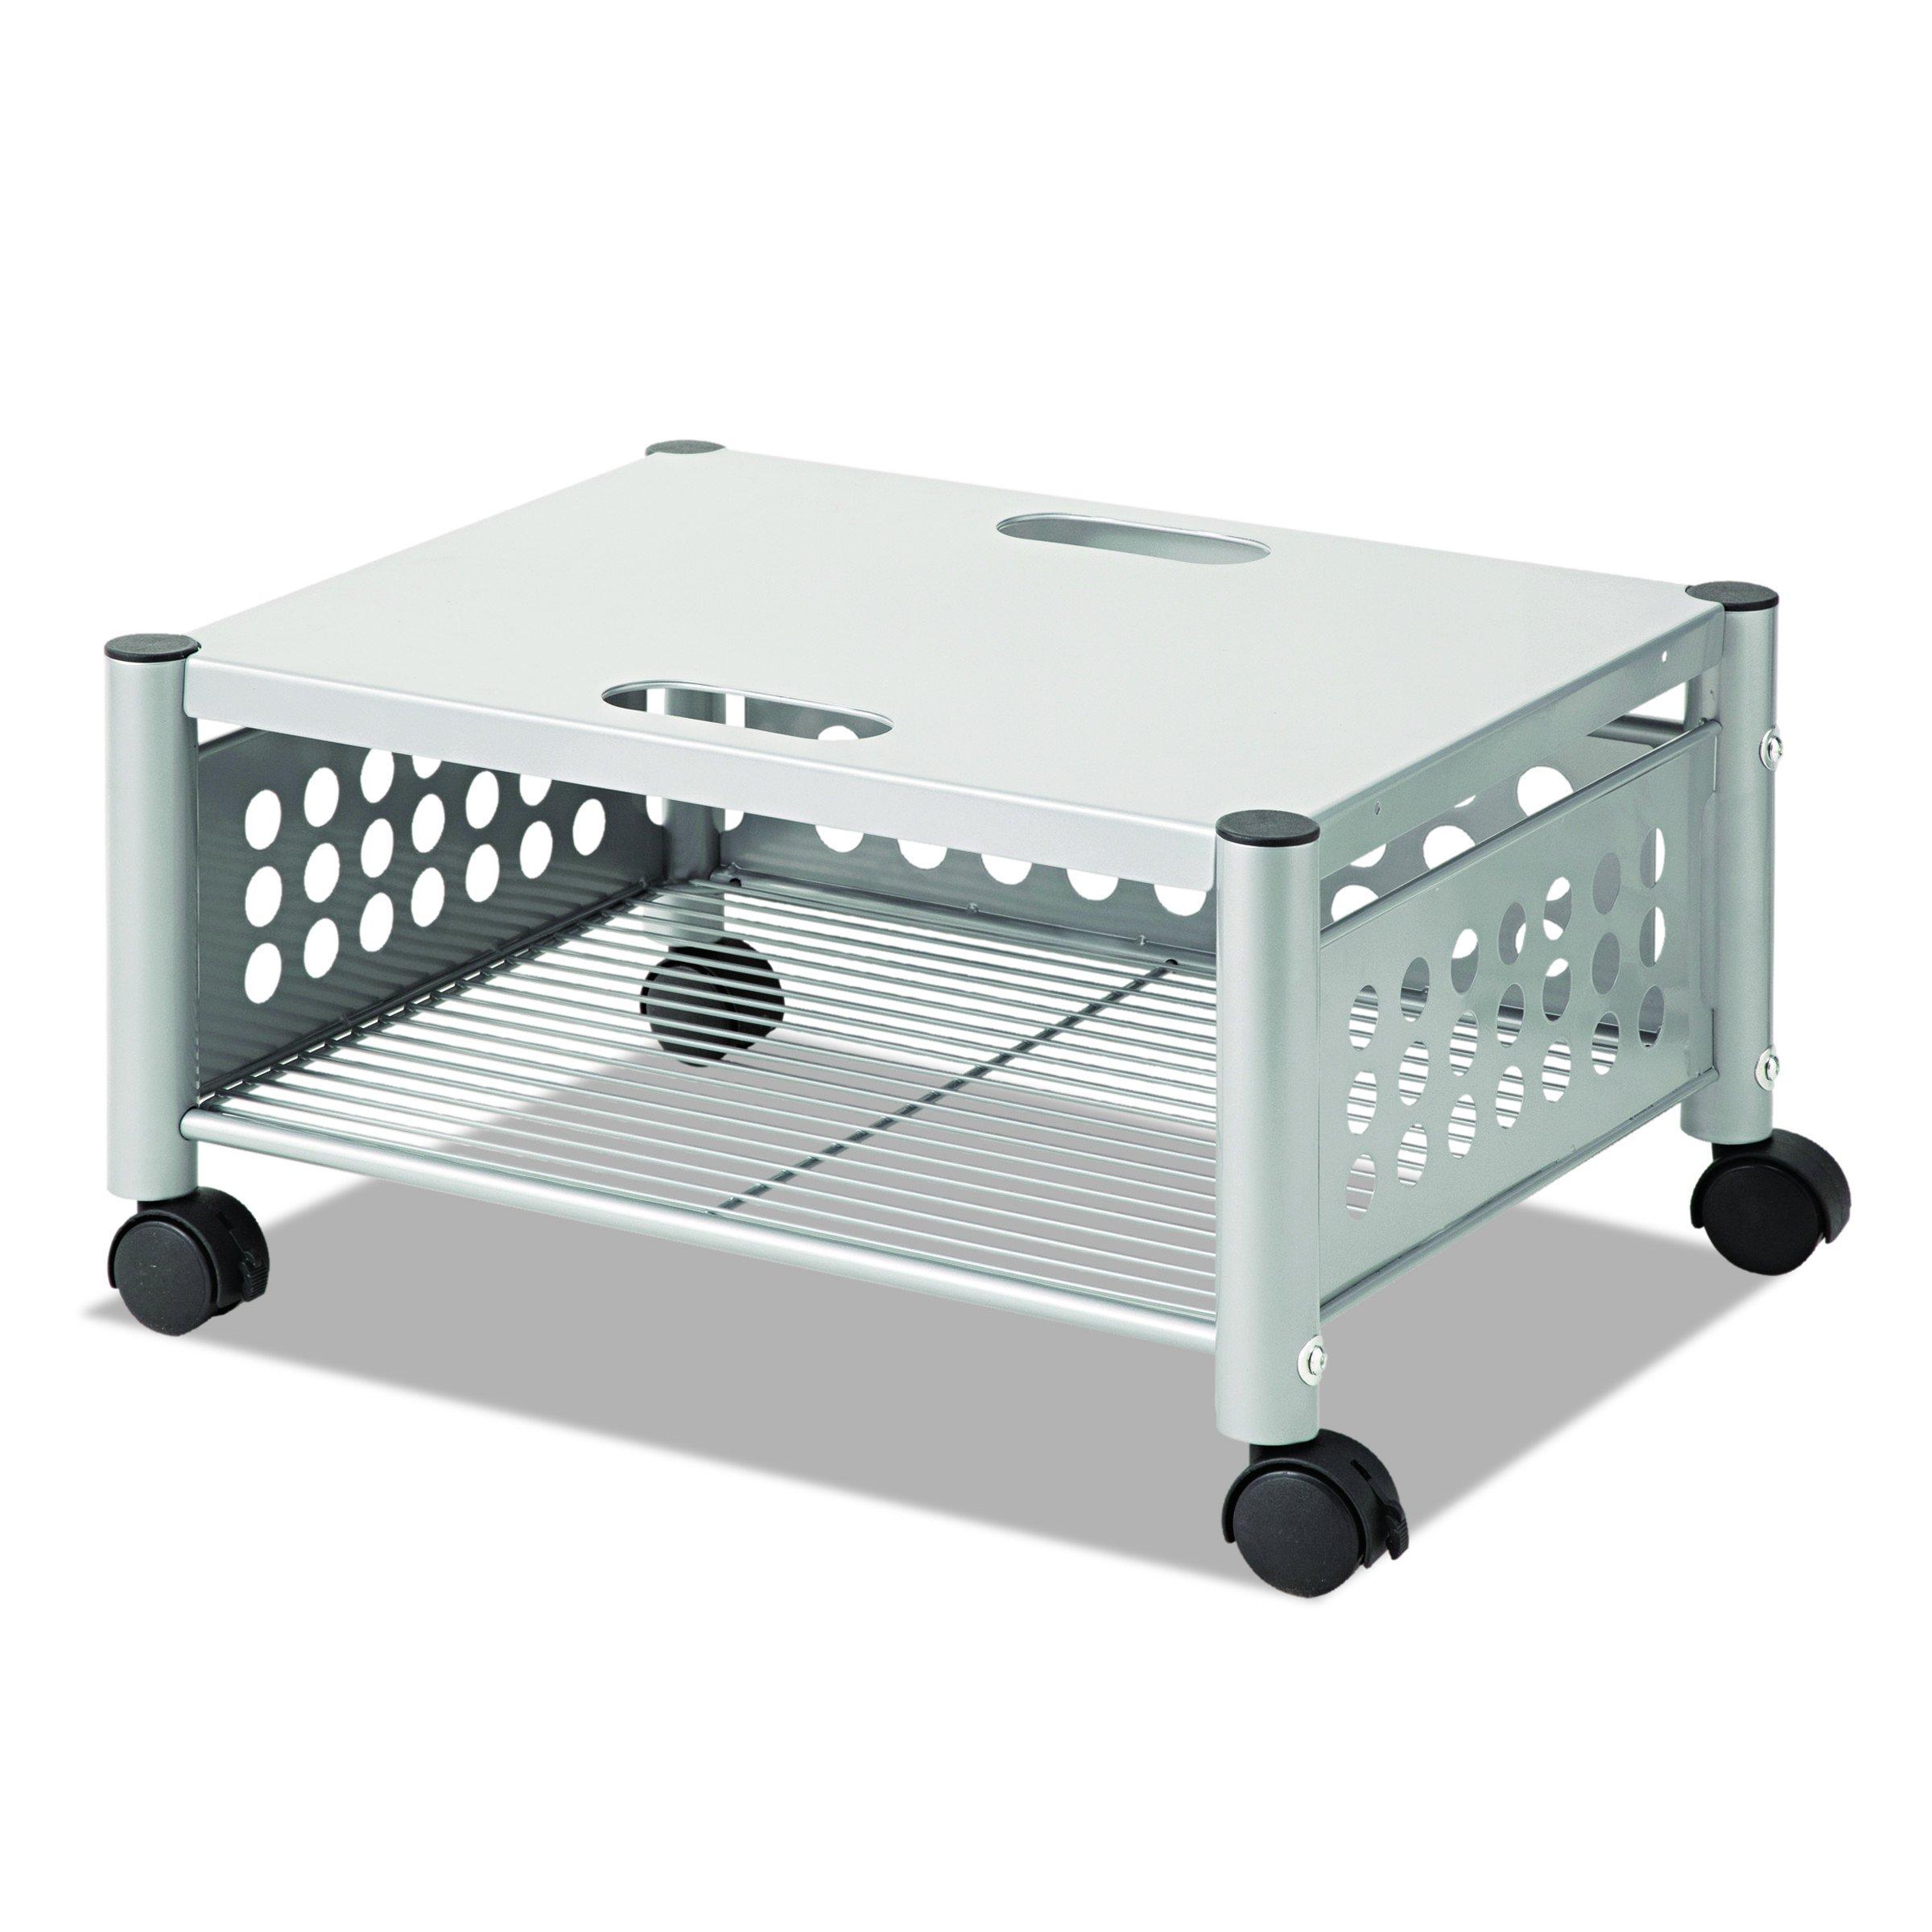 Vertiflex Mobile Underdesk Machine Stand, 21 x 17 x 11 Inches, Matte Gray (VF52005)